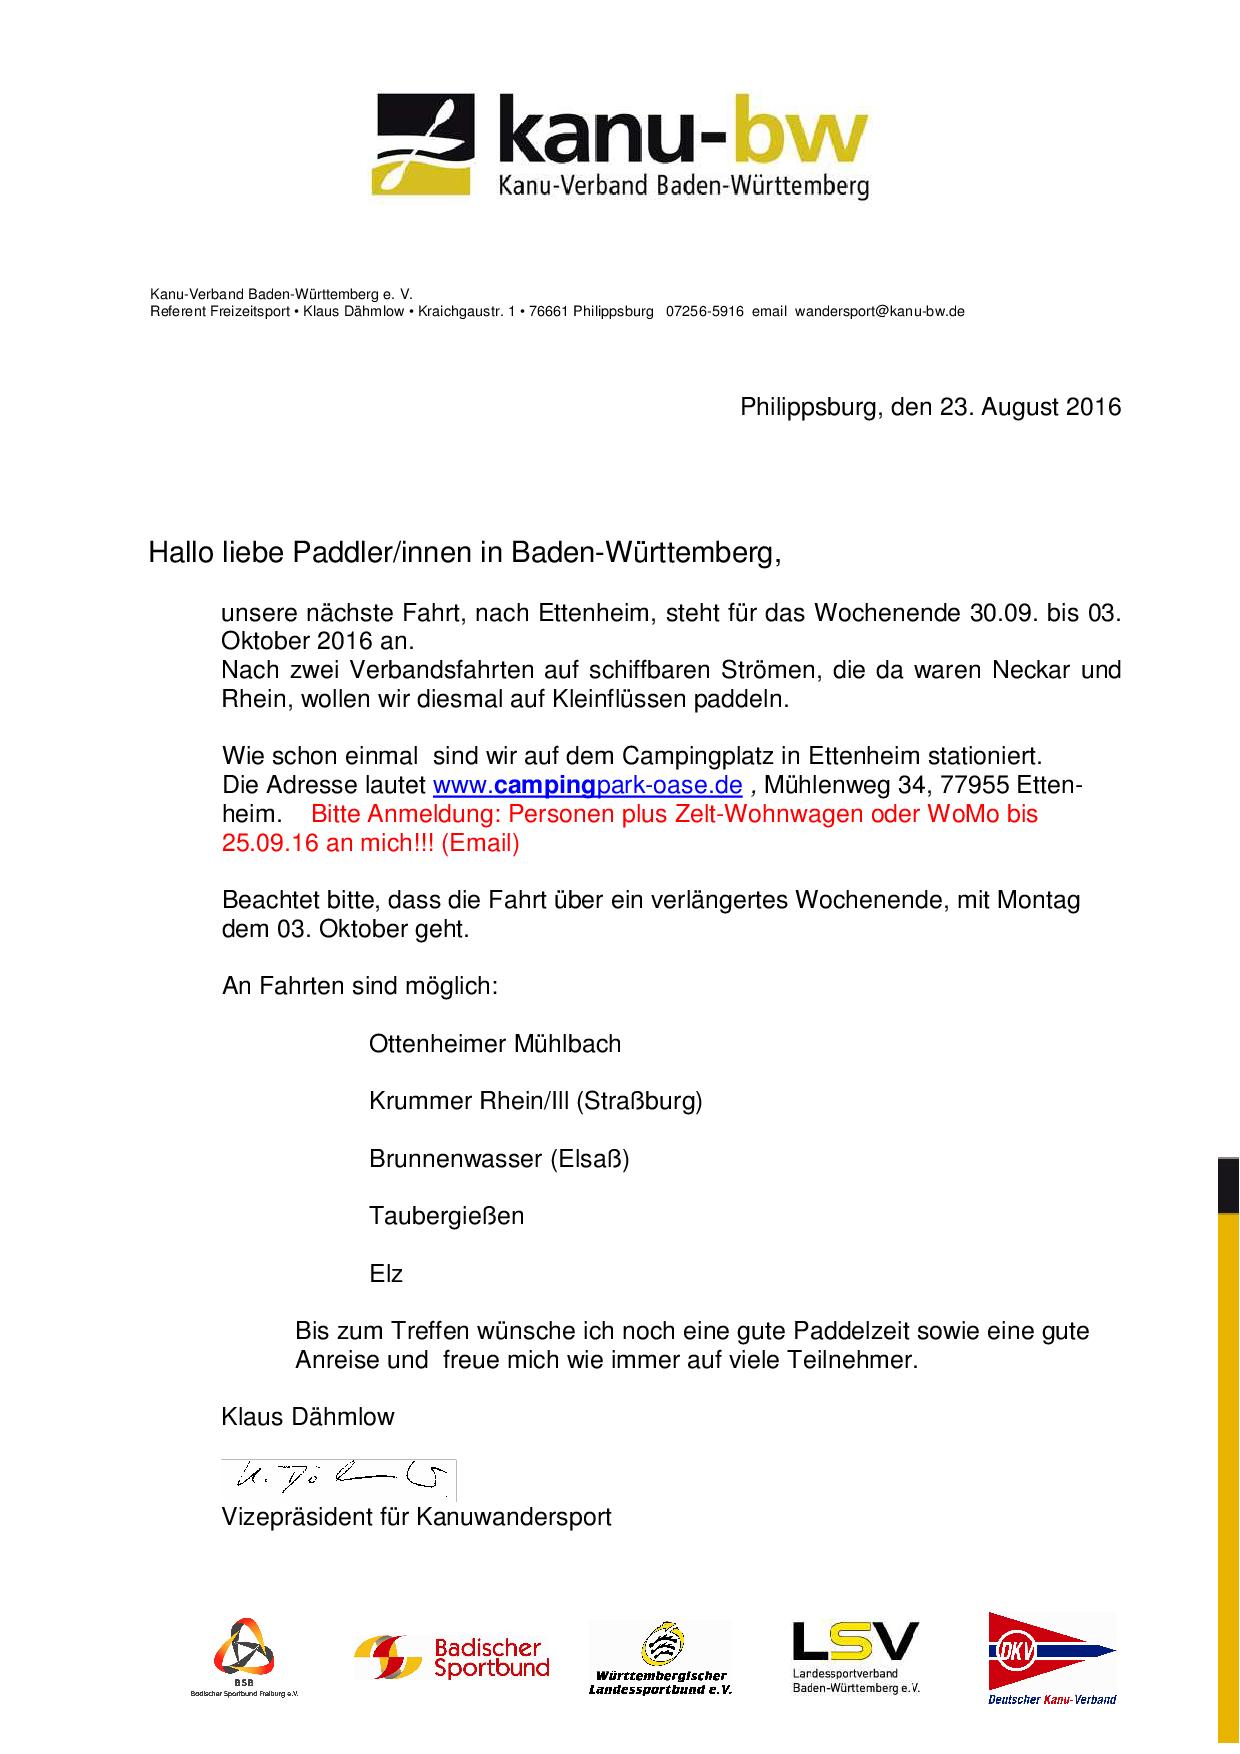 Einladung_Verbandsfahrt_nach_Ettenheim_2016